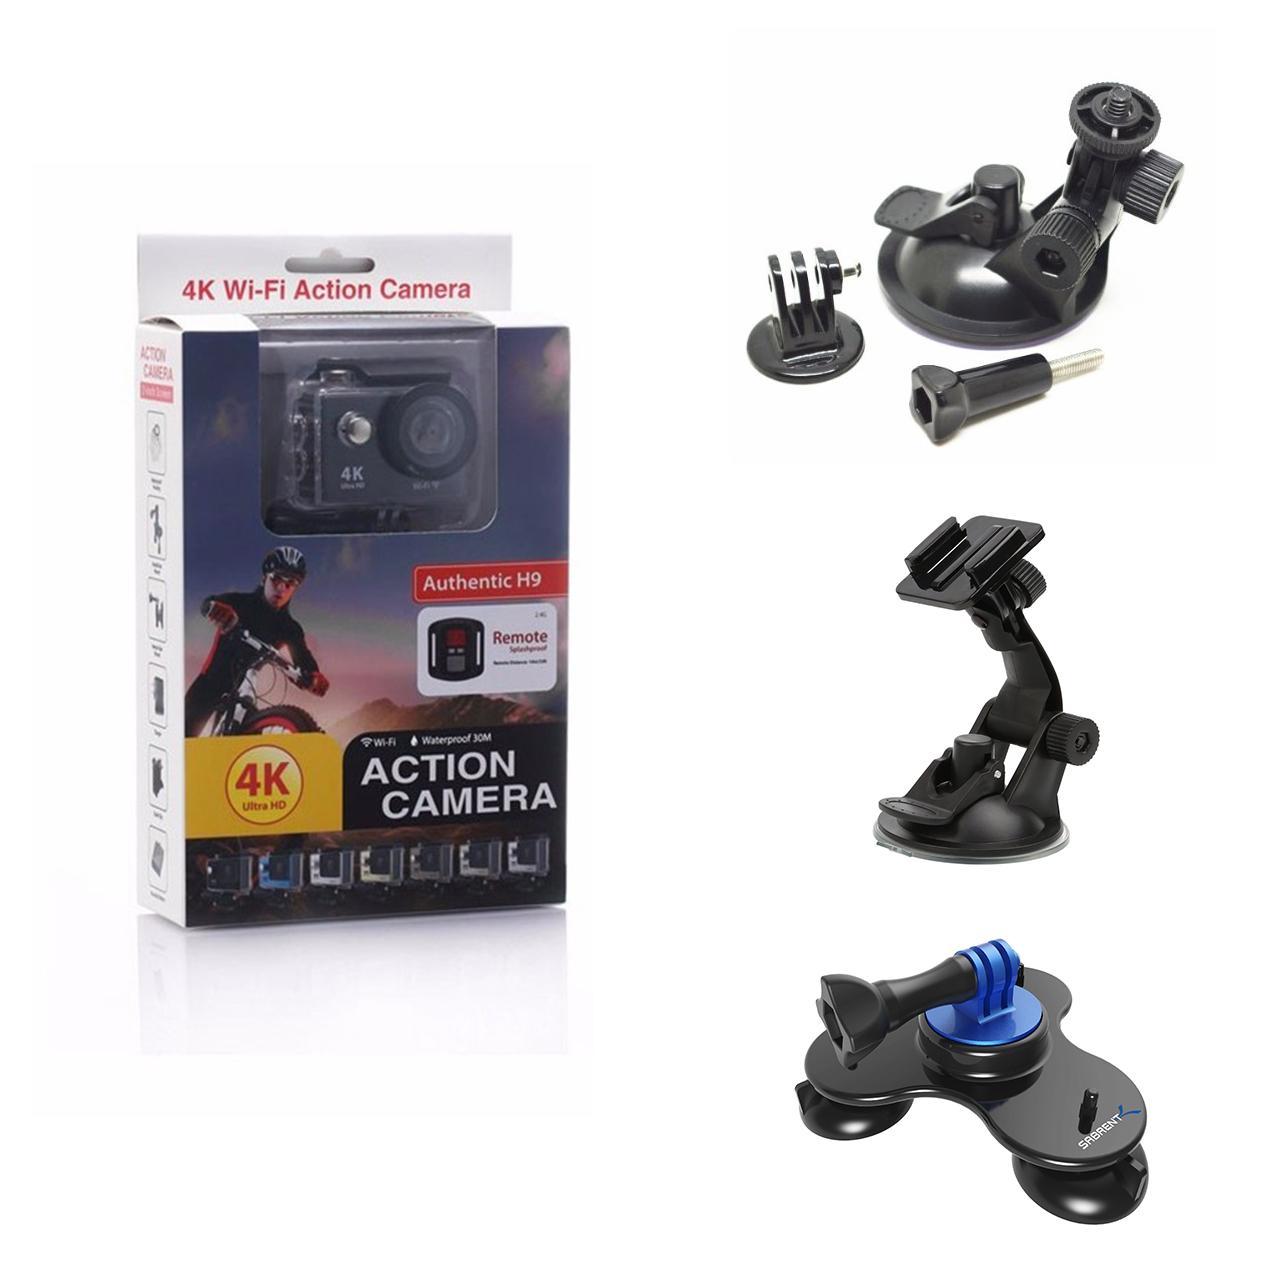 دوربین ورزشی اکشن کمرا مدل H9 به همراه گیره نگهدارنده